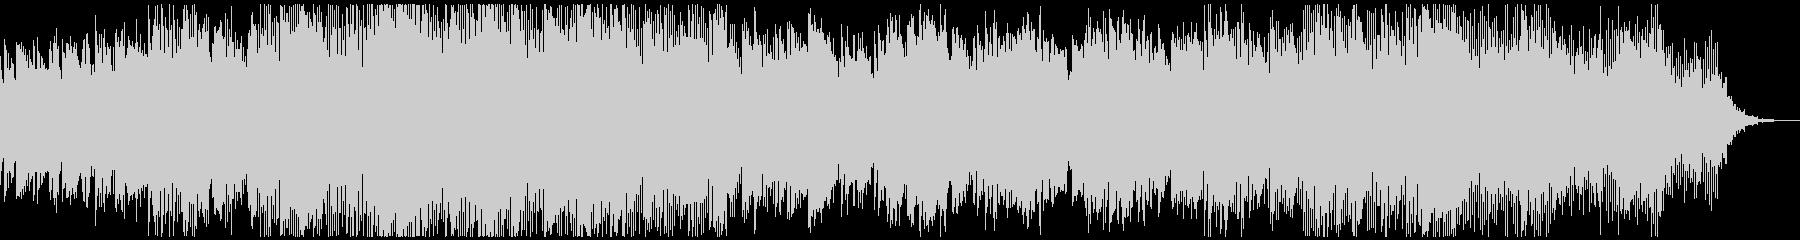 ワールドミュージック調チルアウトBGMの未再生の波形